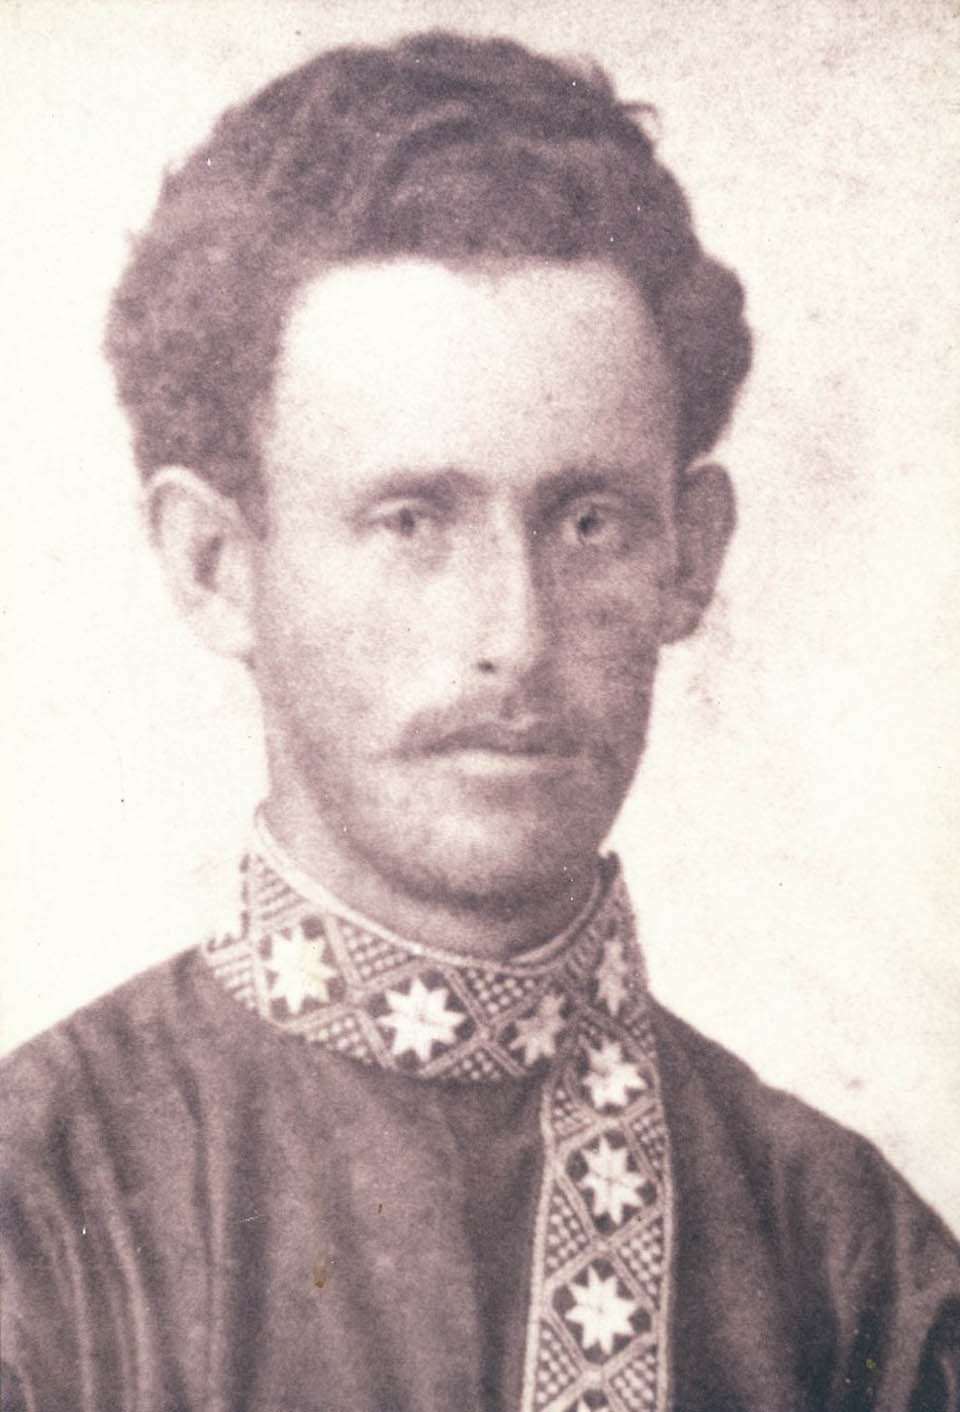 Йосеф Луидор. Фото: Wikipedia.org